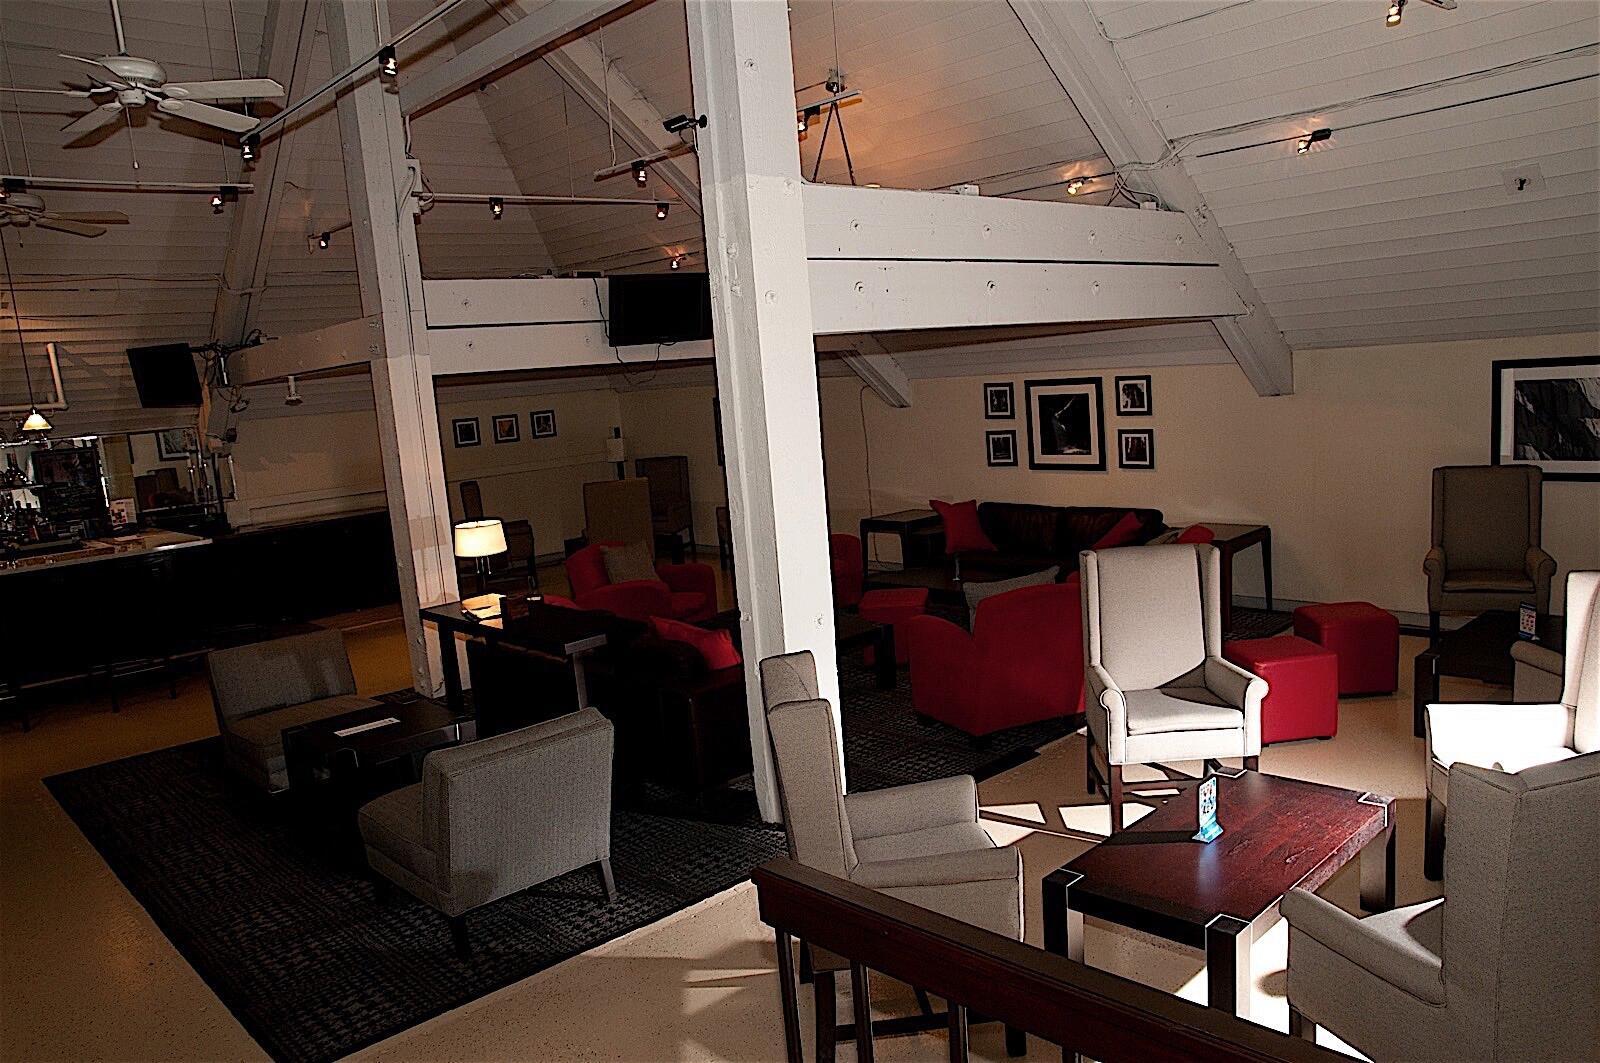 Lobby at The Hotel Fresno